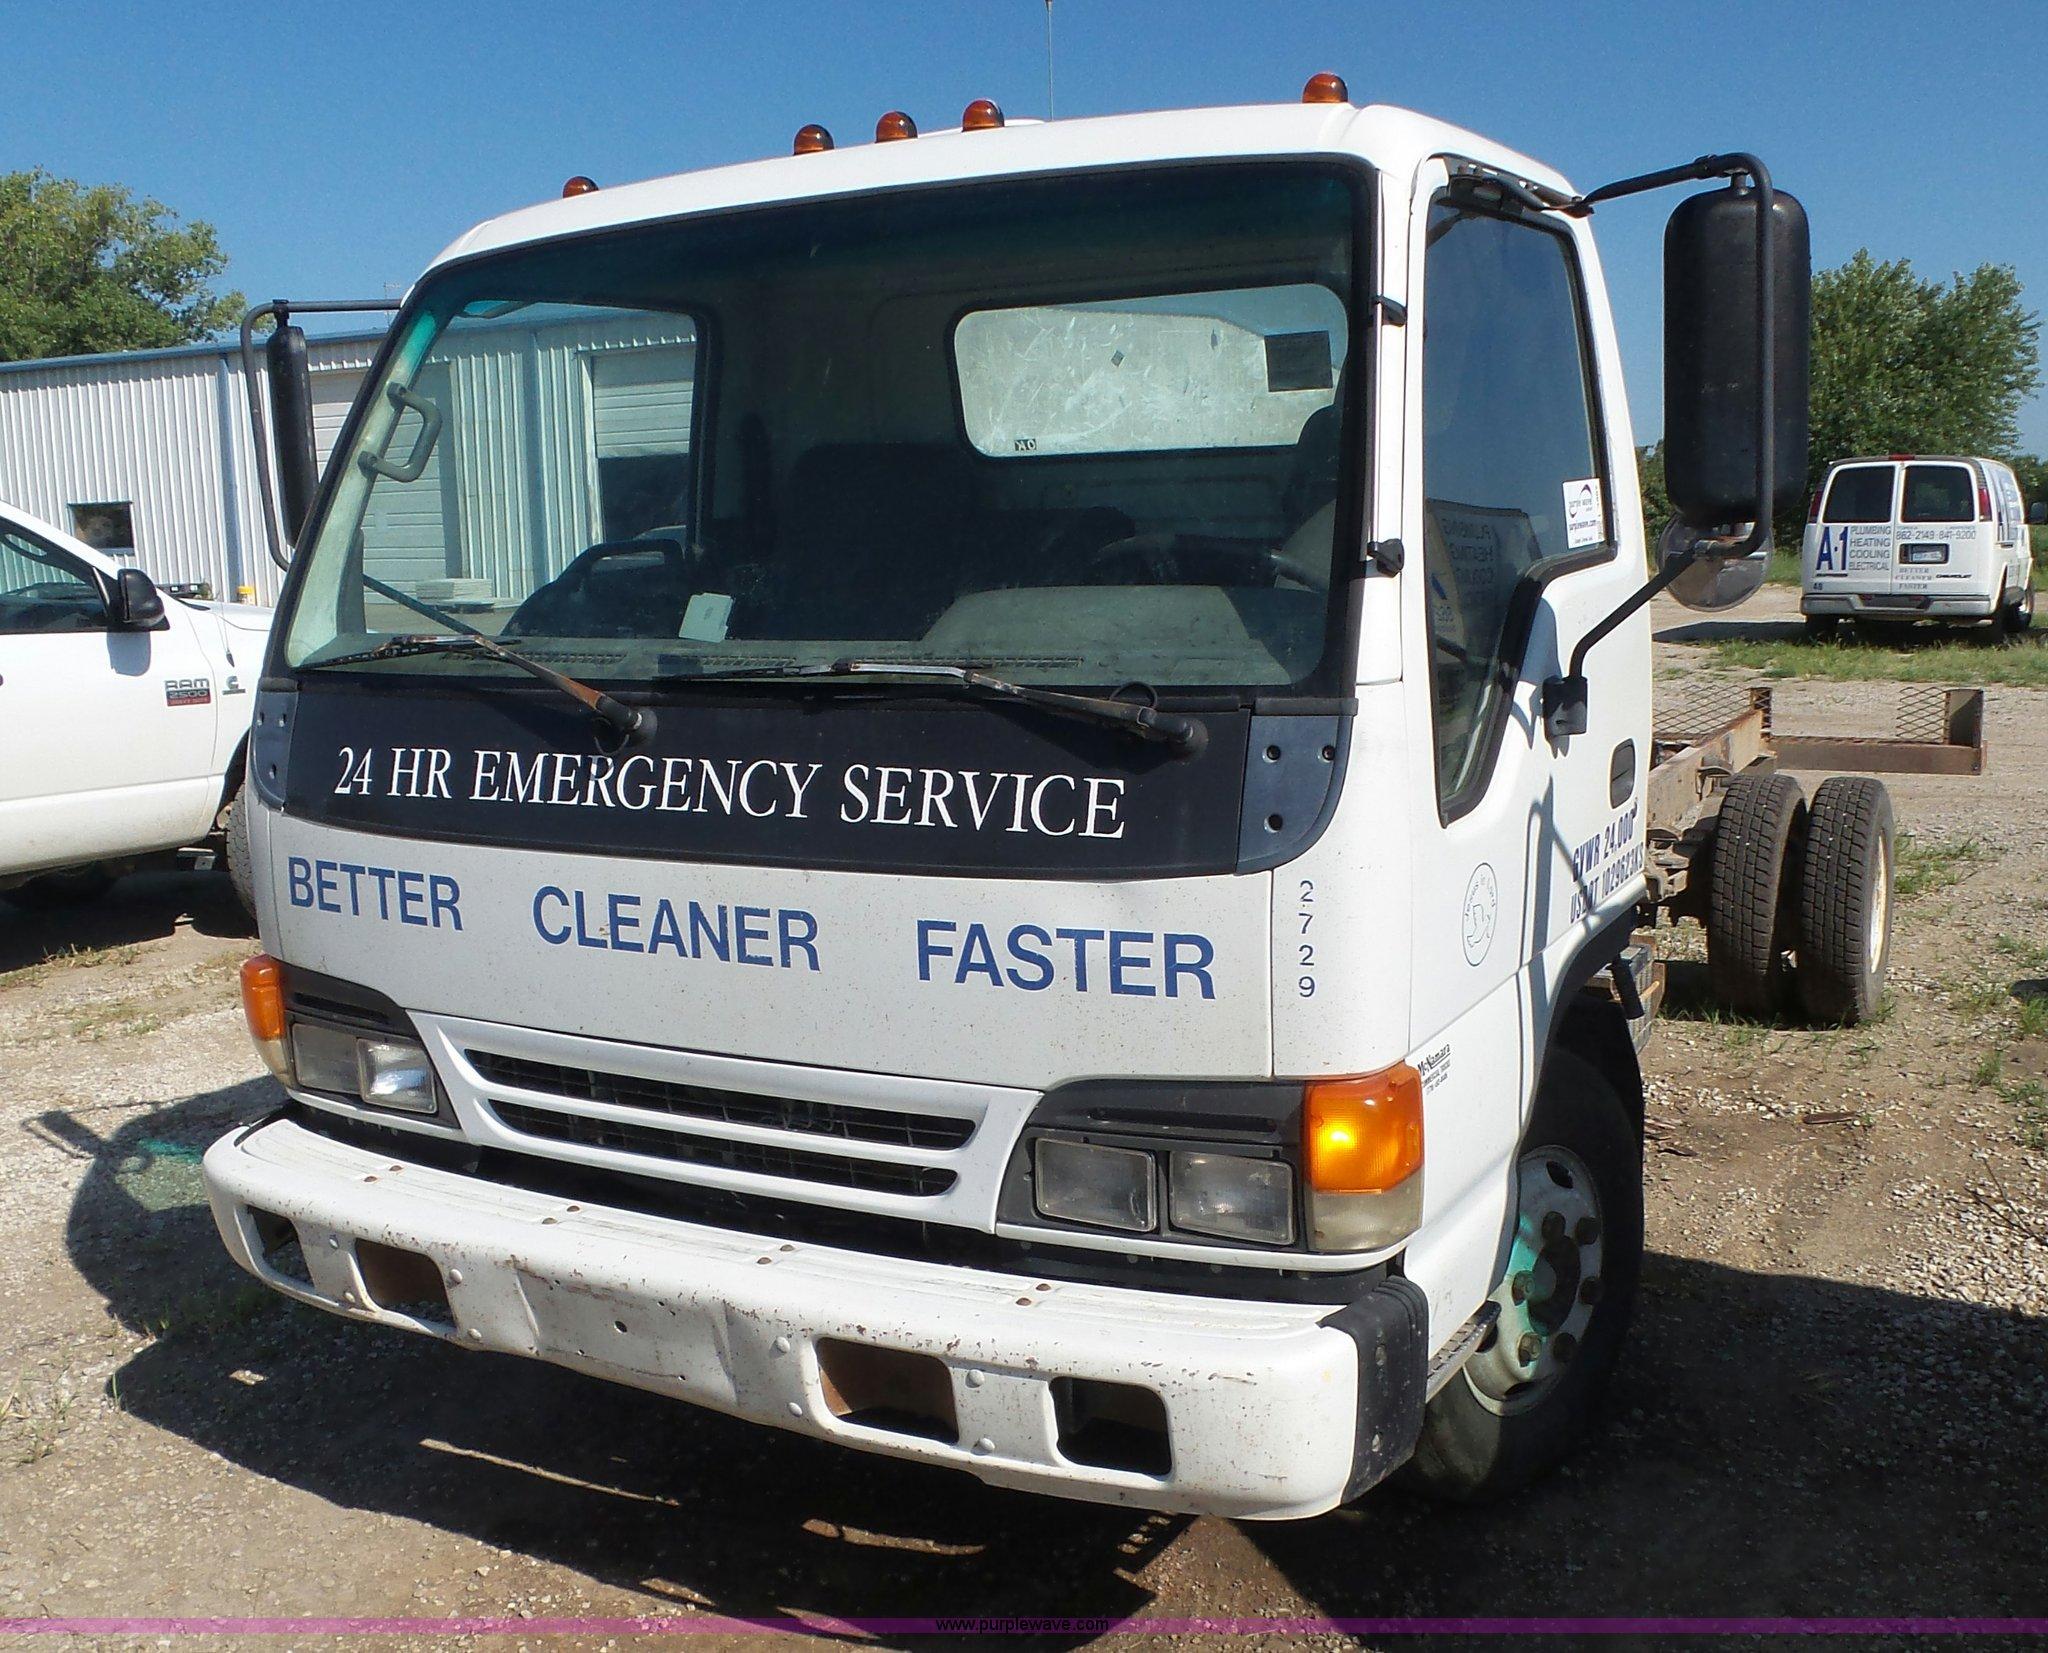 1999 isuzu npr truck cab and chassis item l4967 sold se rh purplewave com 2006 Isuzu NPR Transmission Rebuilt 2006 Isuzu NPR Transmission Rebuilt